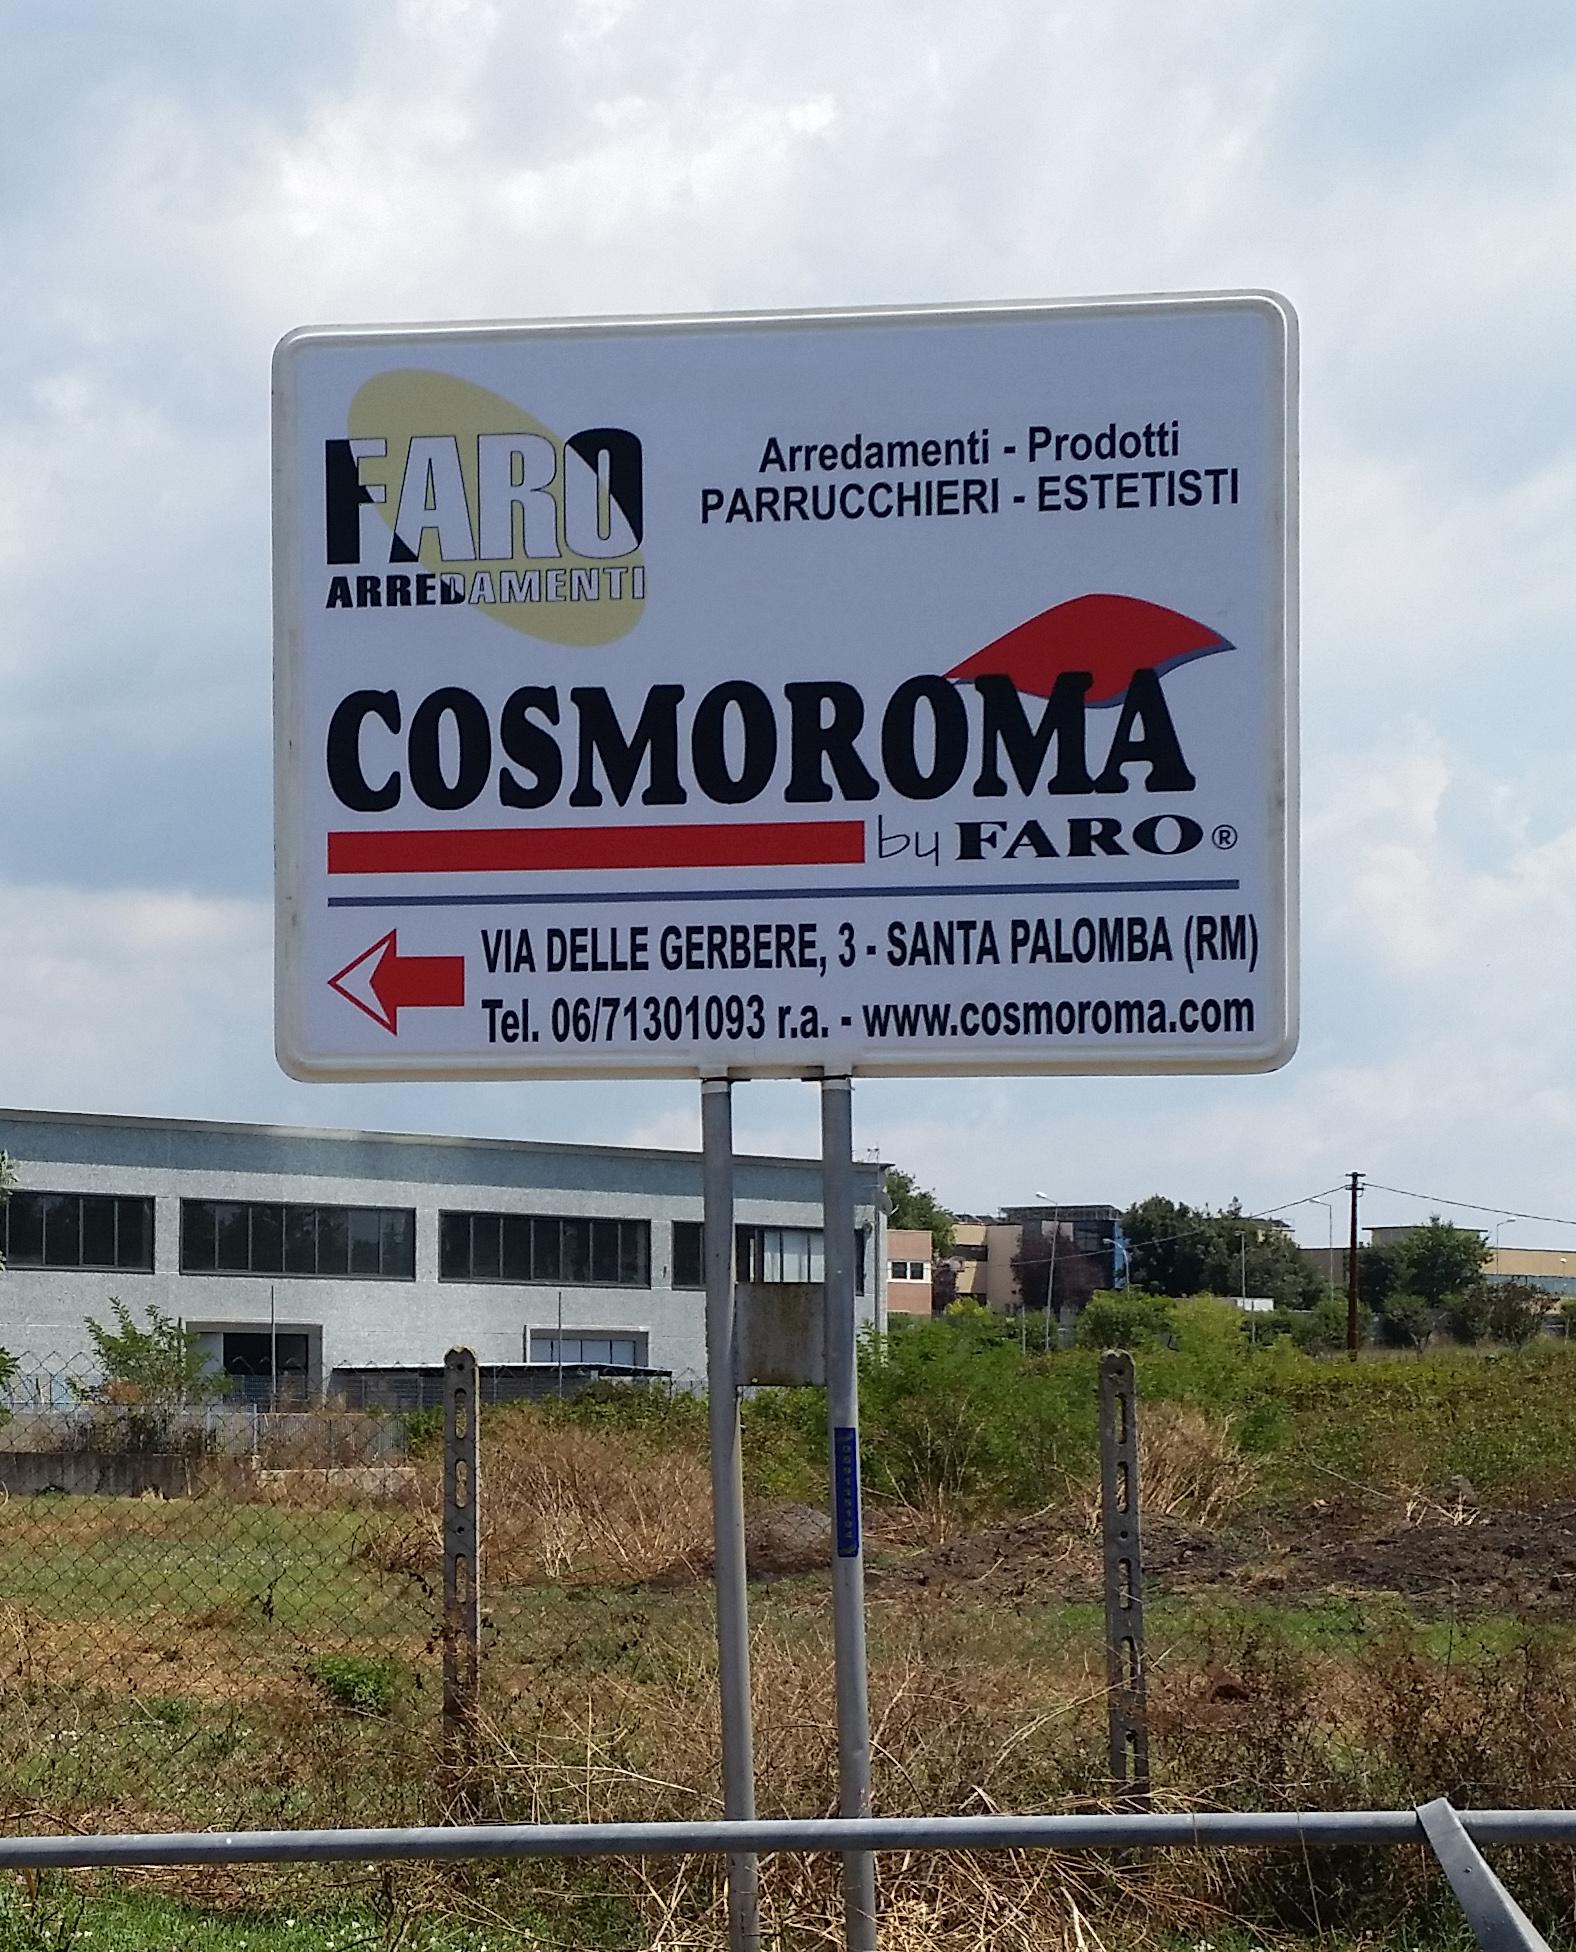 Cartello pubblicitario orizzontale per arredamenti e prodotti  parrucchieri ed estetisti Faro arredamenti - Cosmoroma a Santa Palomba (RM)